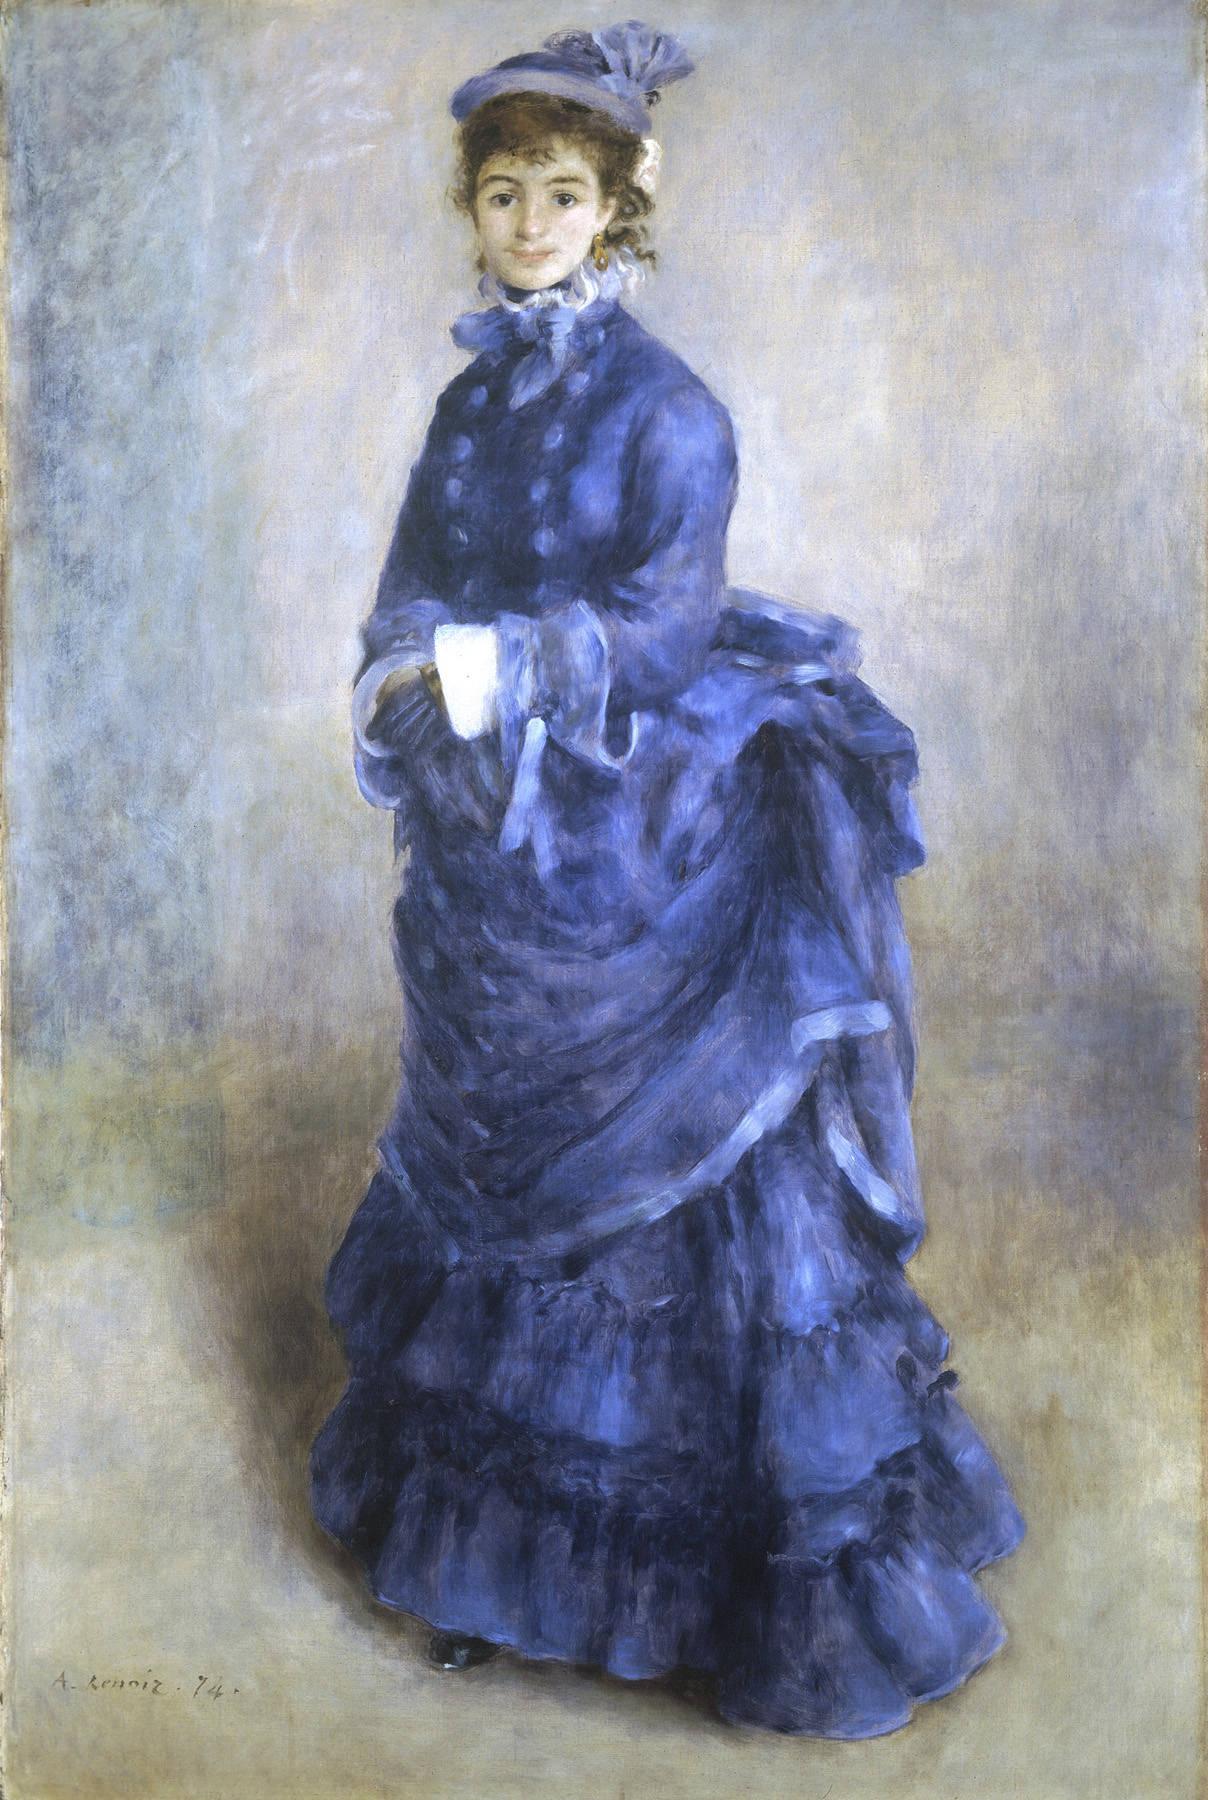 la parisienne the blue lady by pierre auguste renoir 1874